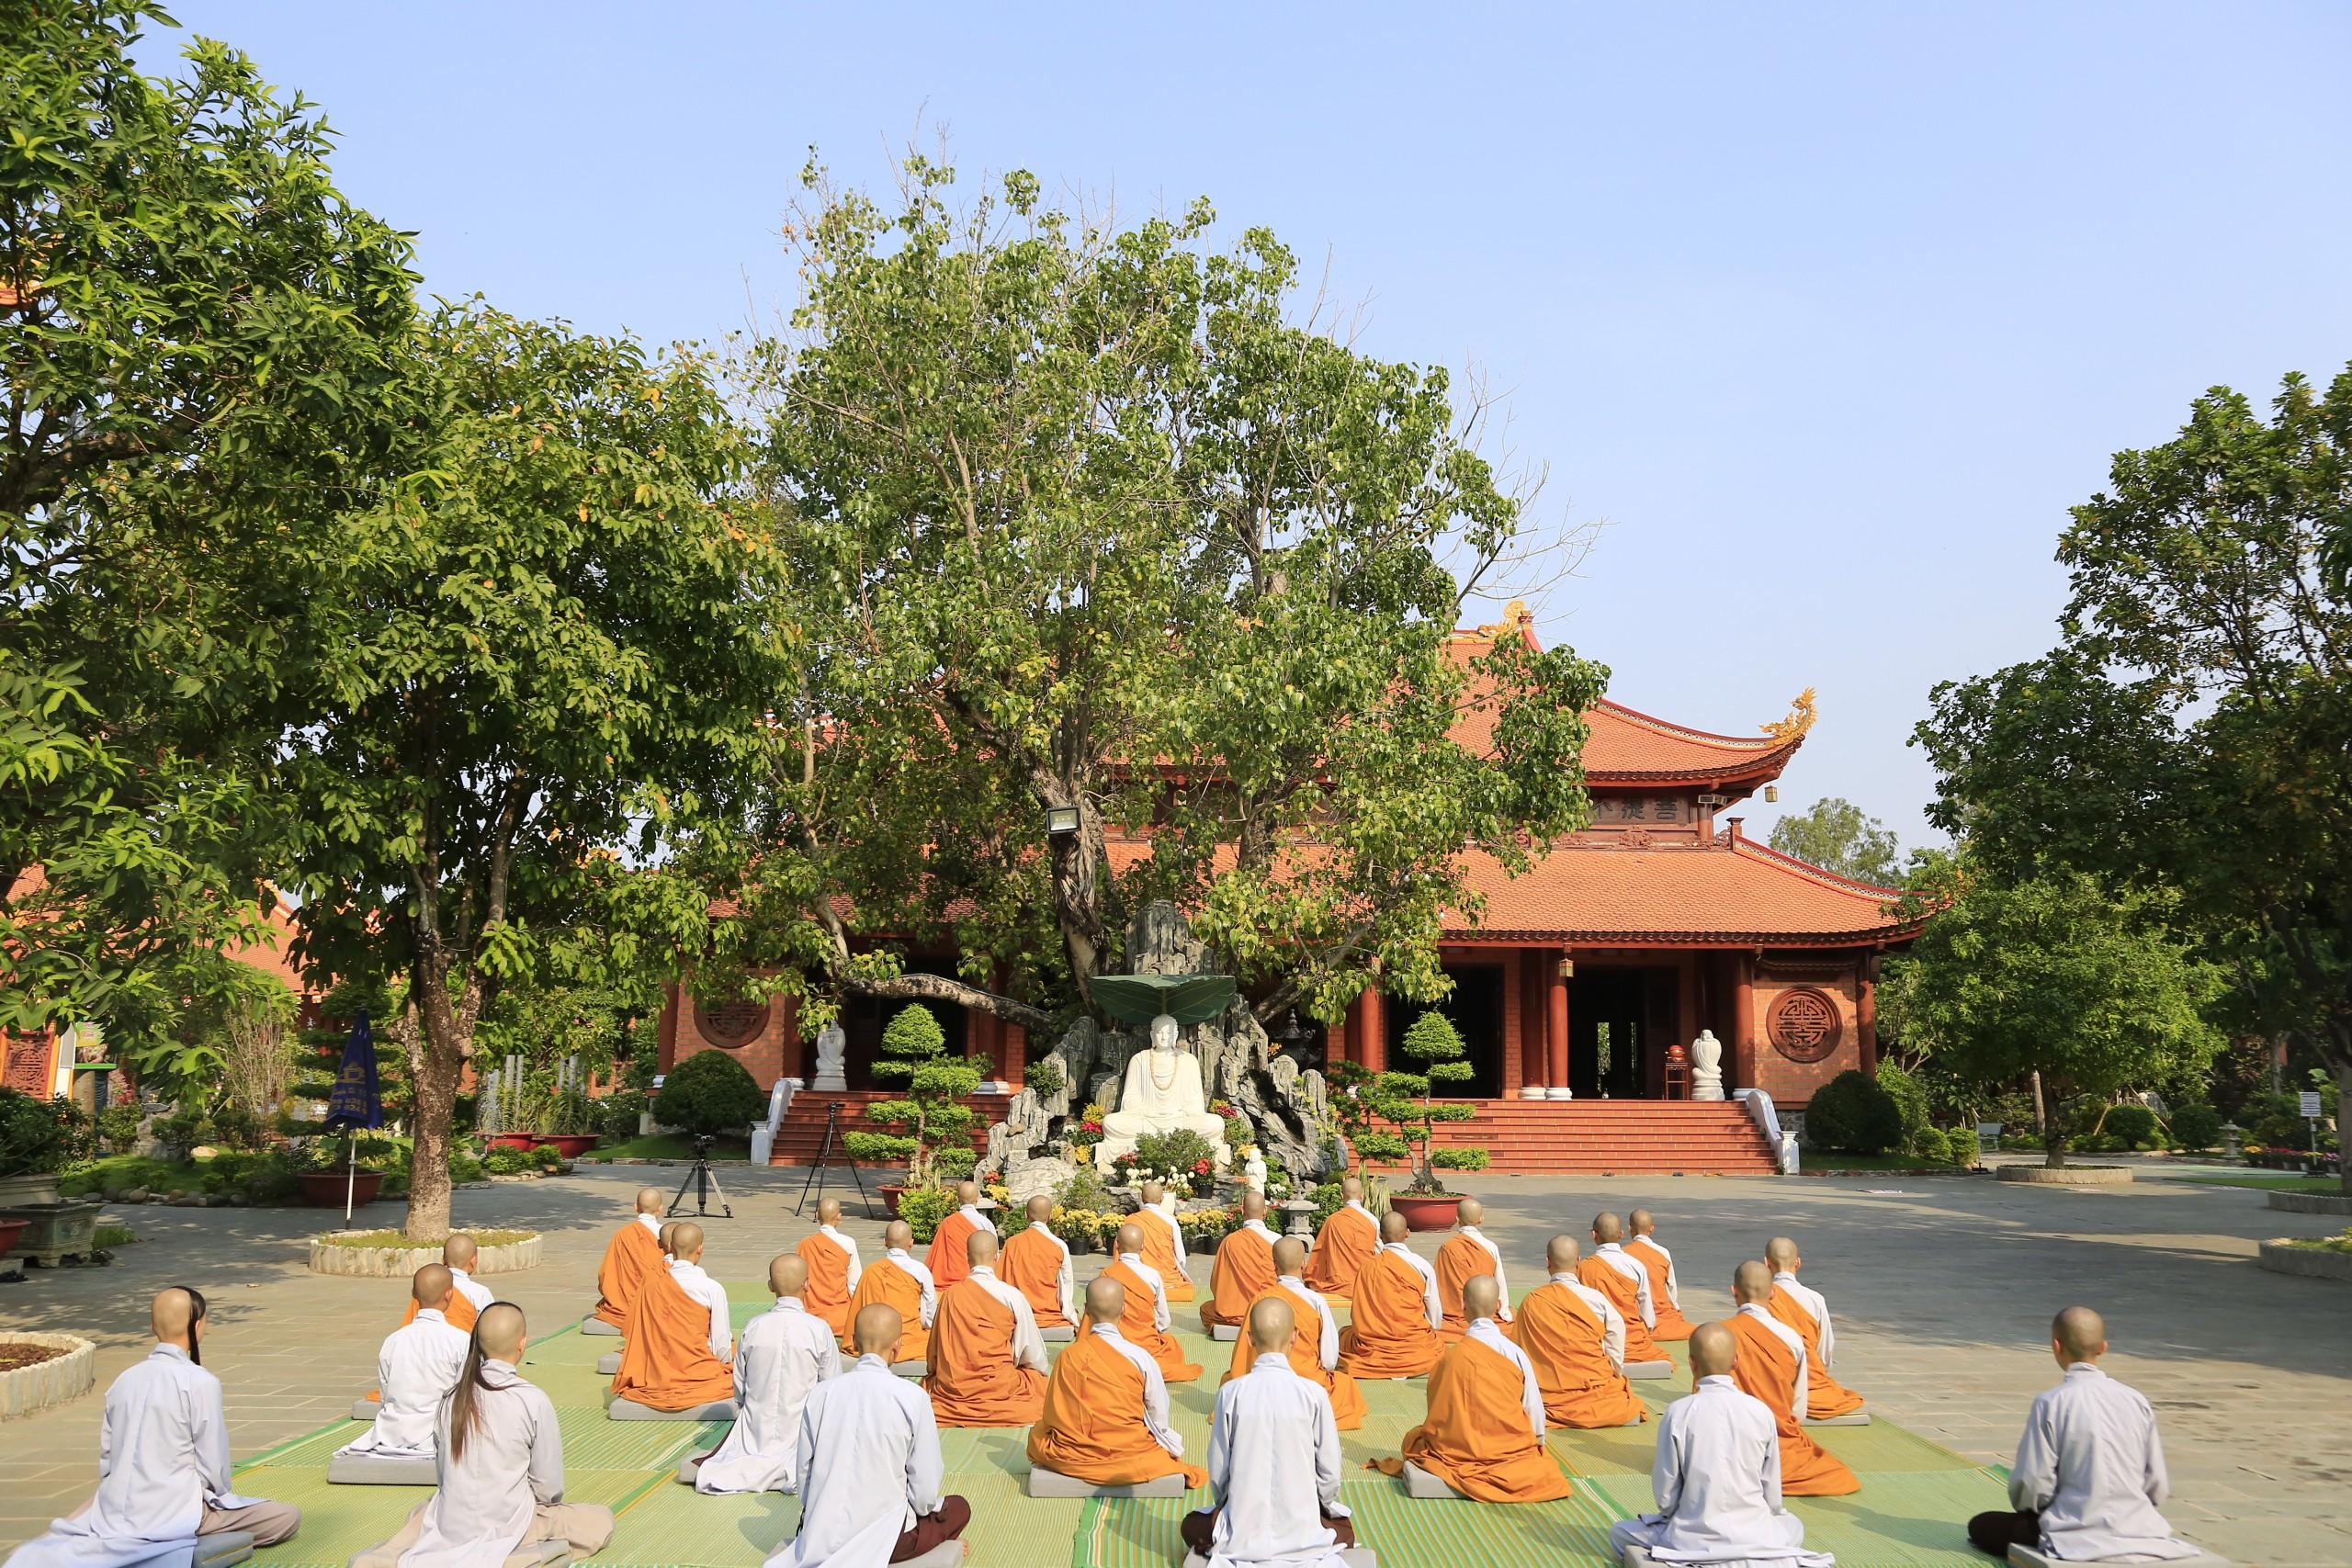 LỄ VU LAN tại Chùa Thiên Quang Rằm tháng 7 âm lịch năm Tân Sửu